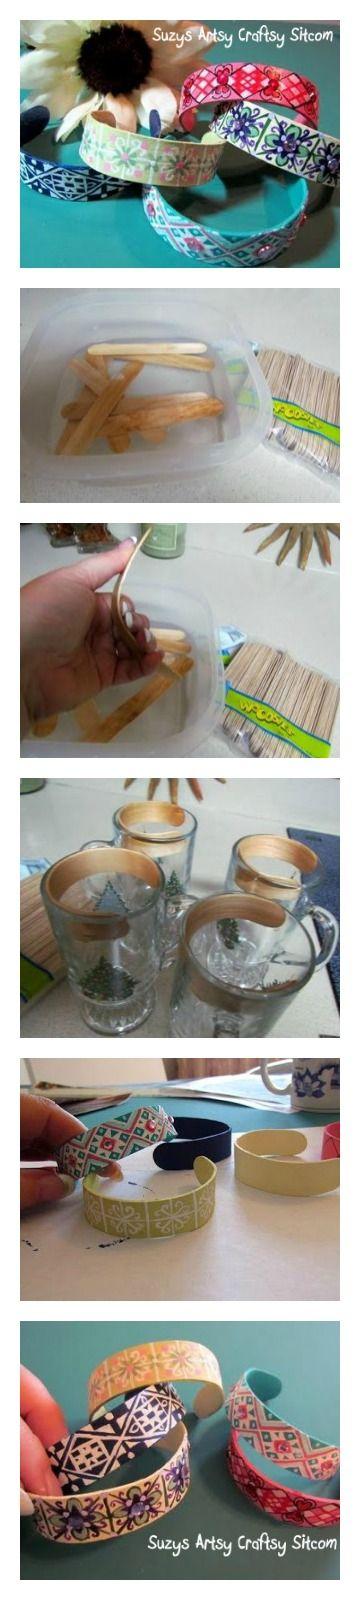 how to make bracelets from popsicle sticks batonnet de glace batonnet et comment faire. Black Bedroom Furniture Sets. Home Design Ideas